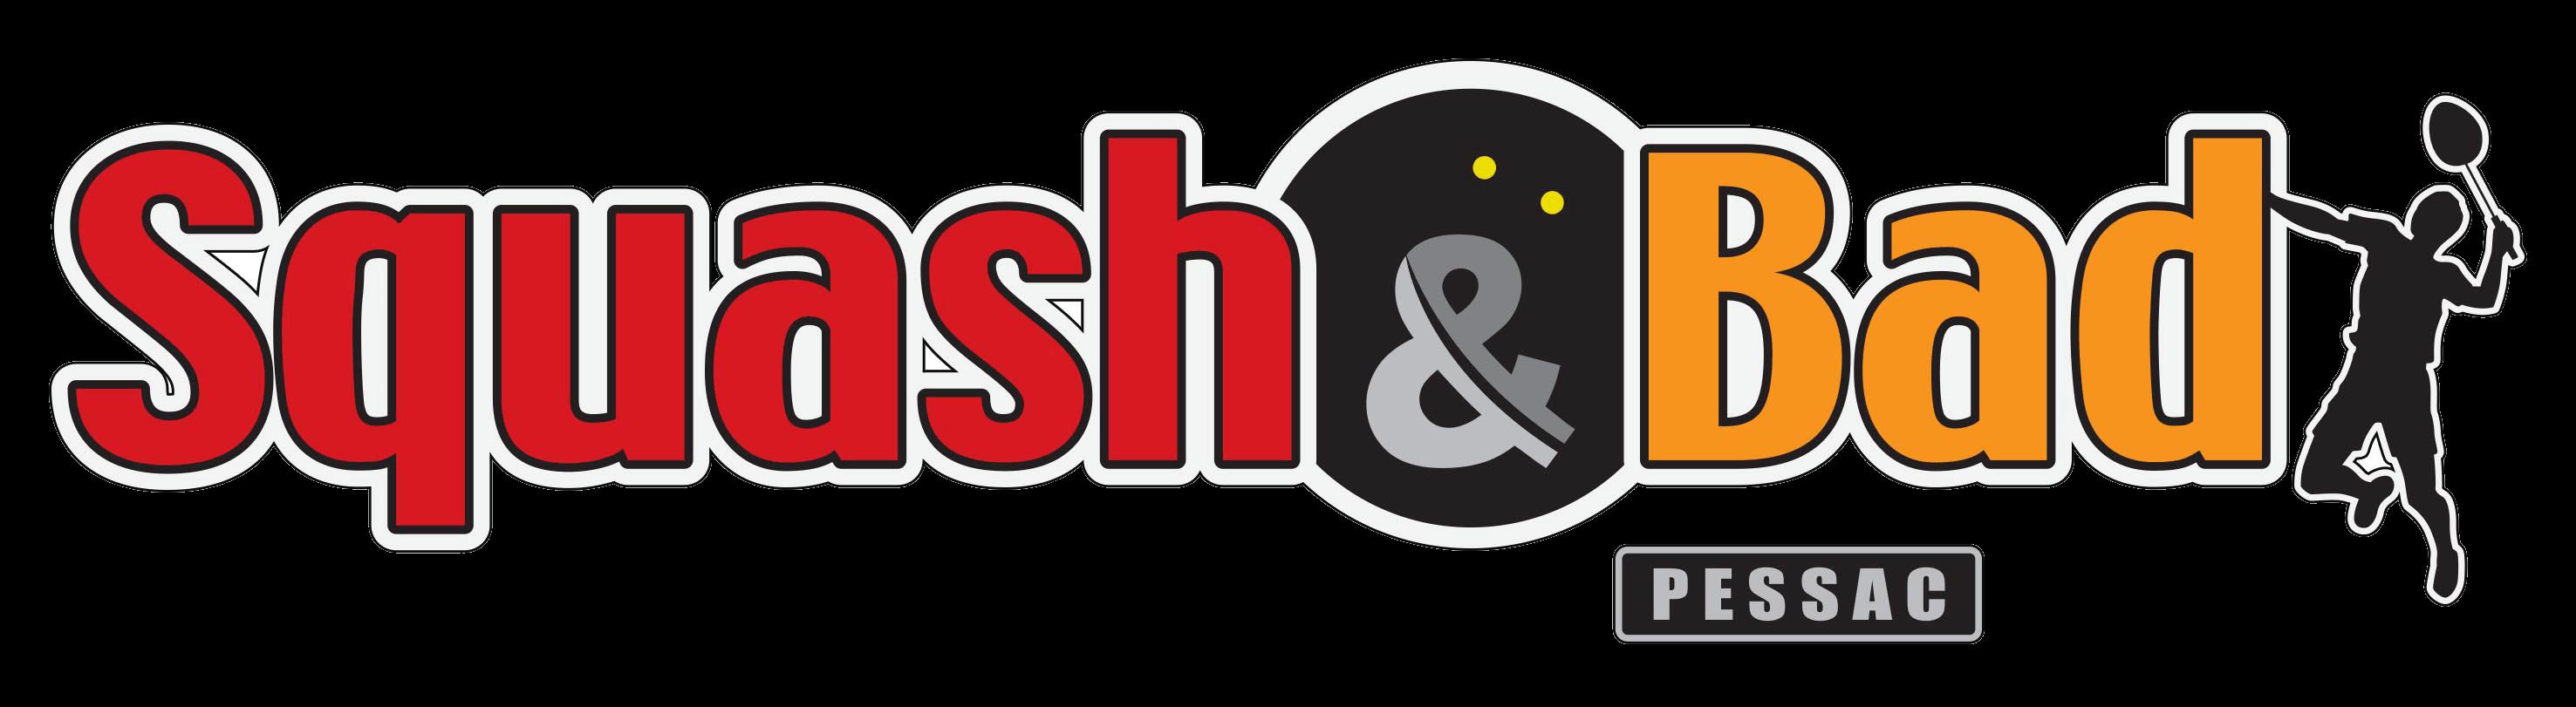 Squash et Bad de Pessac – Réservation de terrains de badminton et de Squash à Pessac Gironde